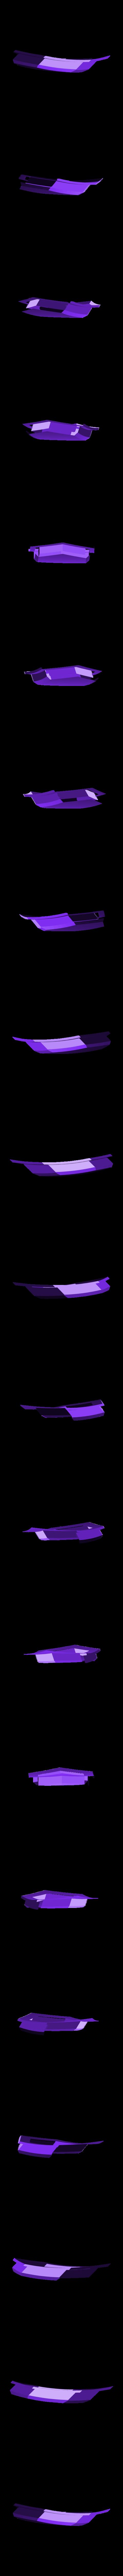 gem3.stl Télécharger fichier STL gratuit Thunder Helm - Zelda Breath of The Wild • Plan pour imprimante 3D, Adafruit